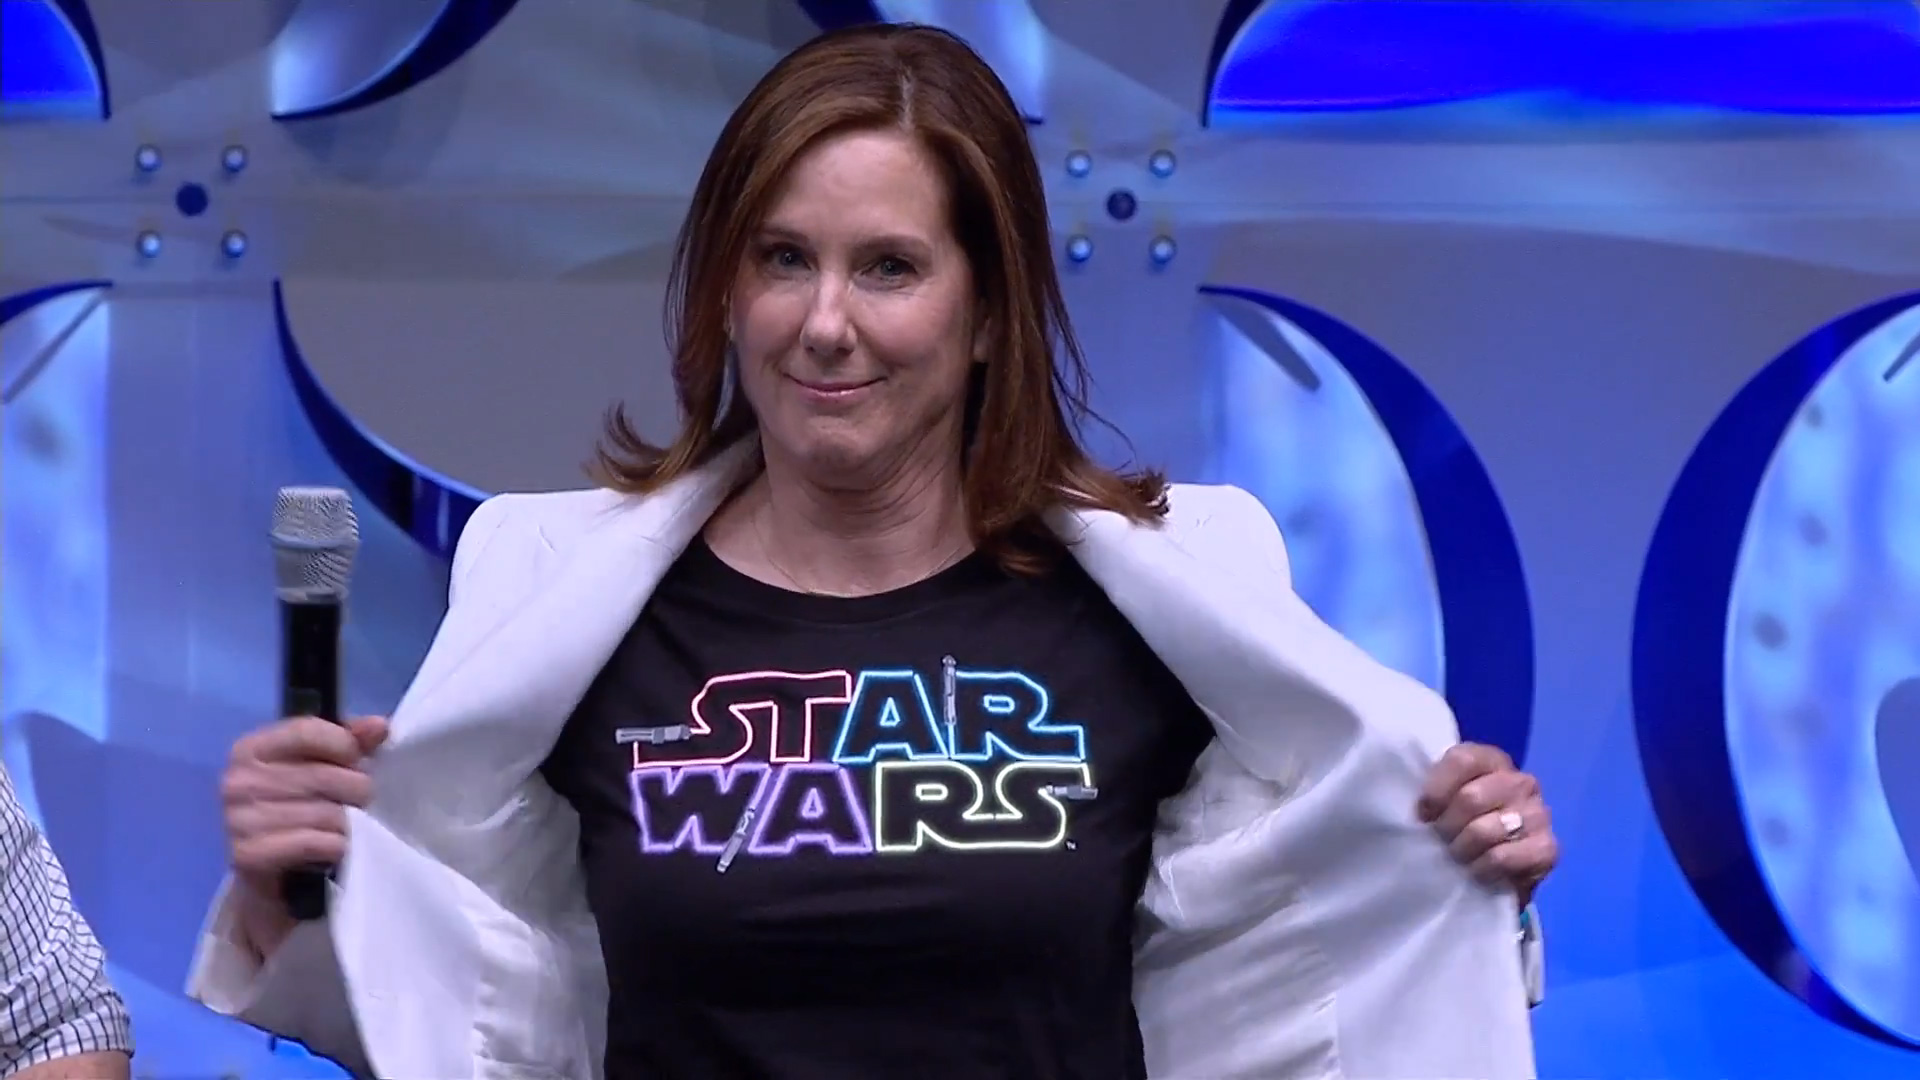 Ta decyzja wstrząśnie światem Star Wars. Kathleen Kennedy ma zostać odsunięta od kierowania marką